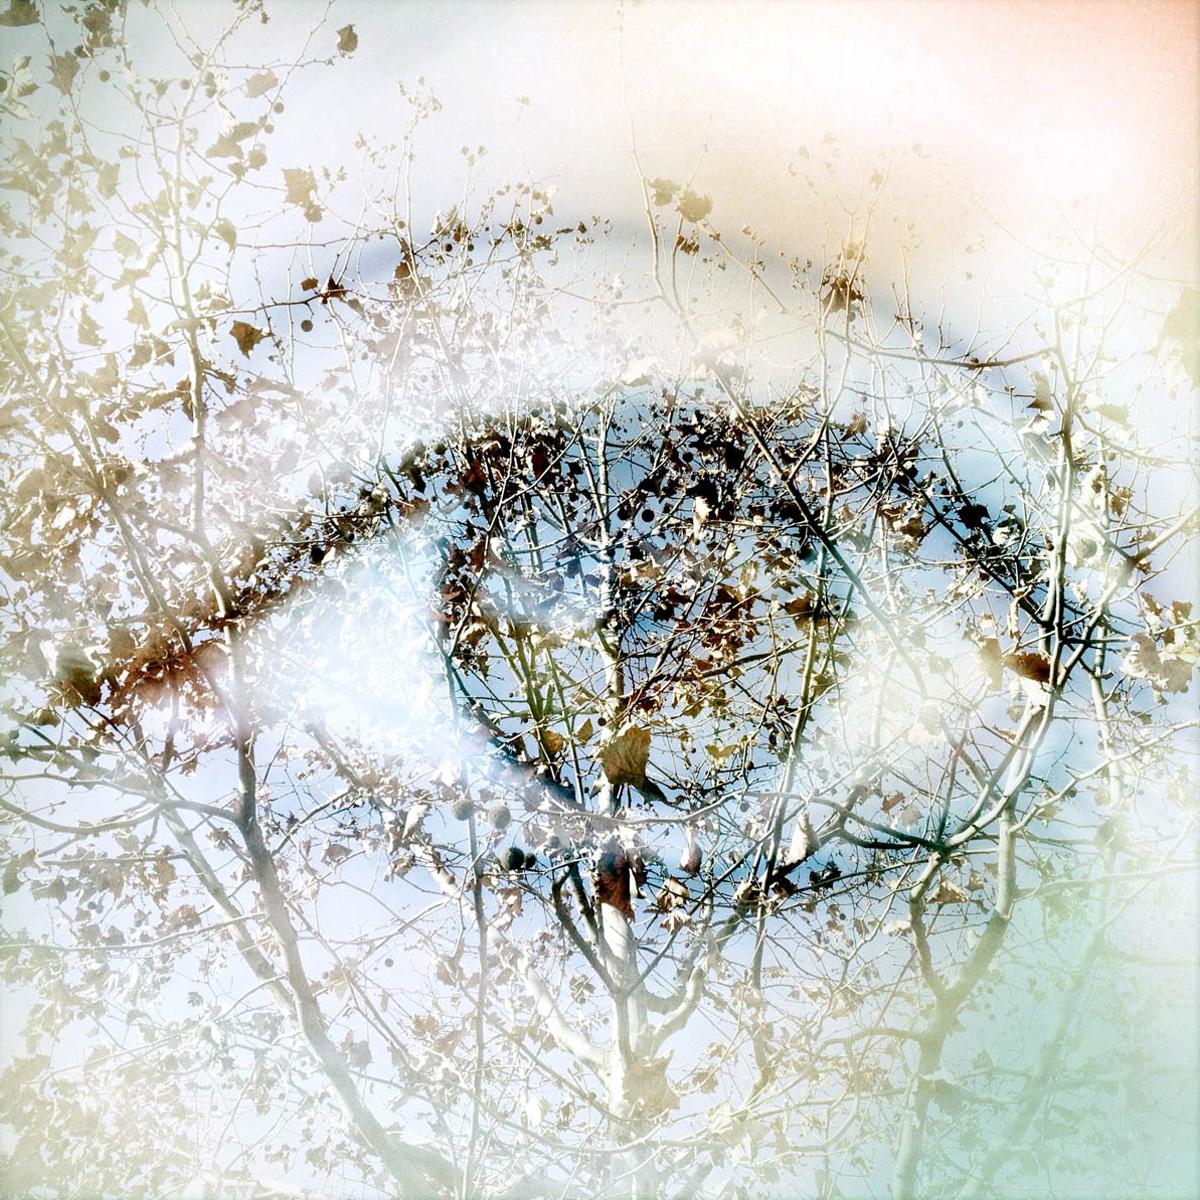 Come nelle Metamorfosi di Ovidio, Alessandra Calò unisce corpo e natura in un abbraccio, dentro al quale ciascuno assume le sembianze dell'altro